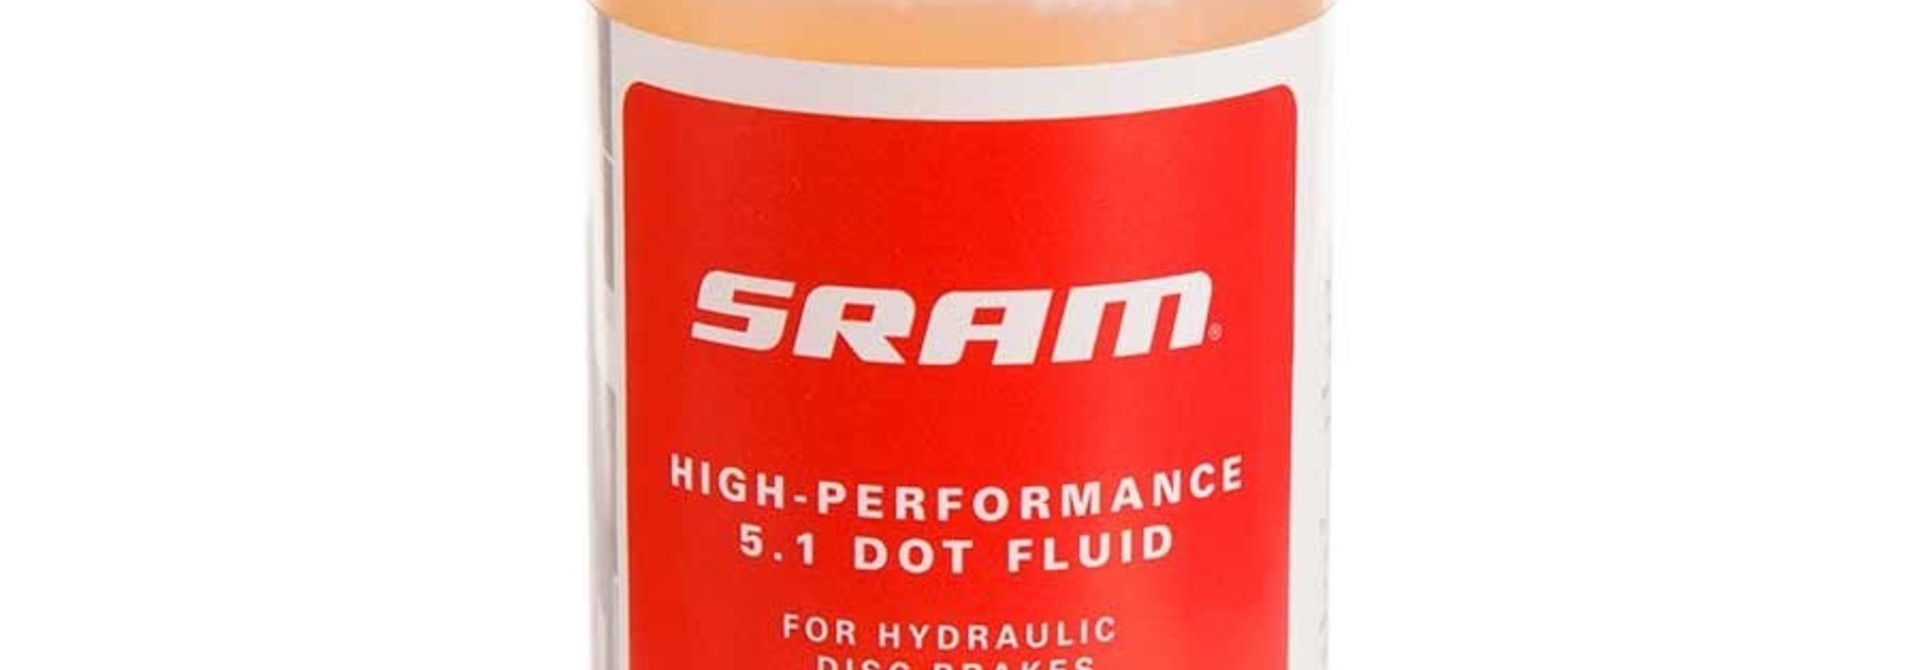 SRAM DOT 5.1 Hydraulic Brake Fluid 4OZ